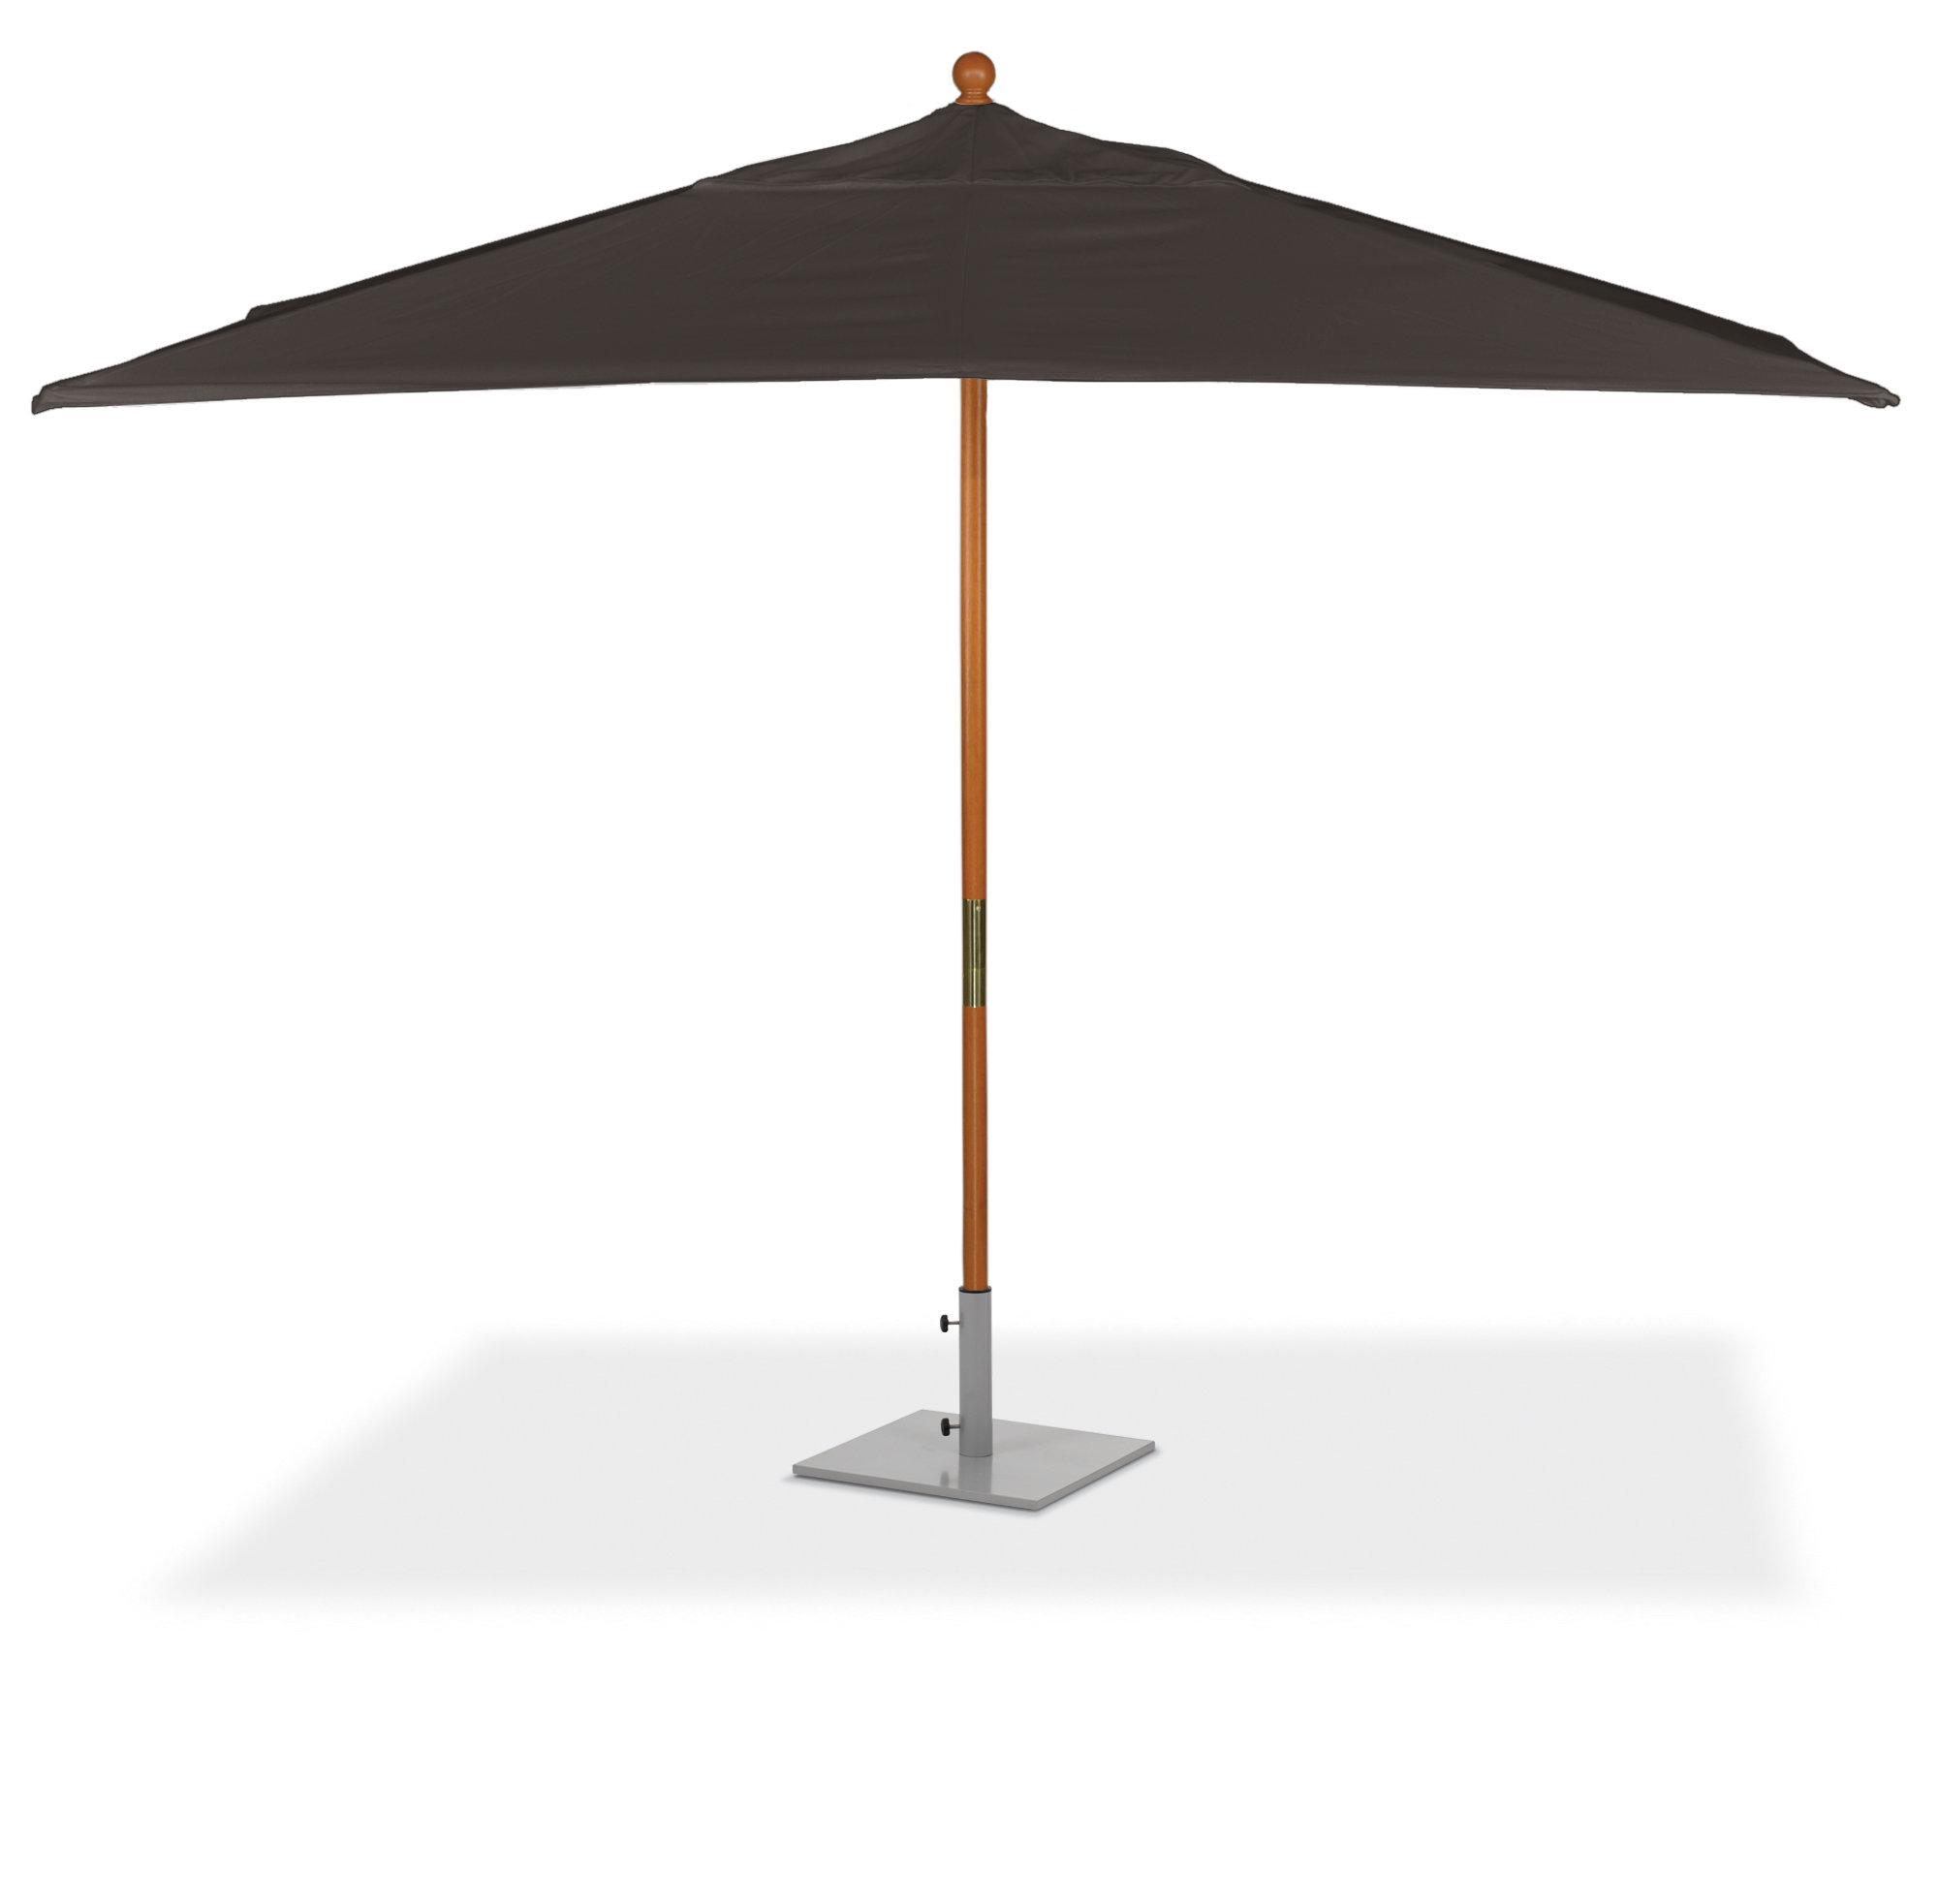 Eisele Rectangular Market Umbrellas In Most Up To Date Standwood 6' X 10' Rectangular Market Sunbrella Umbrella (Gallery 4 of 20)